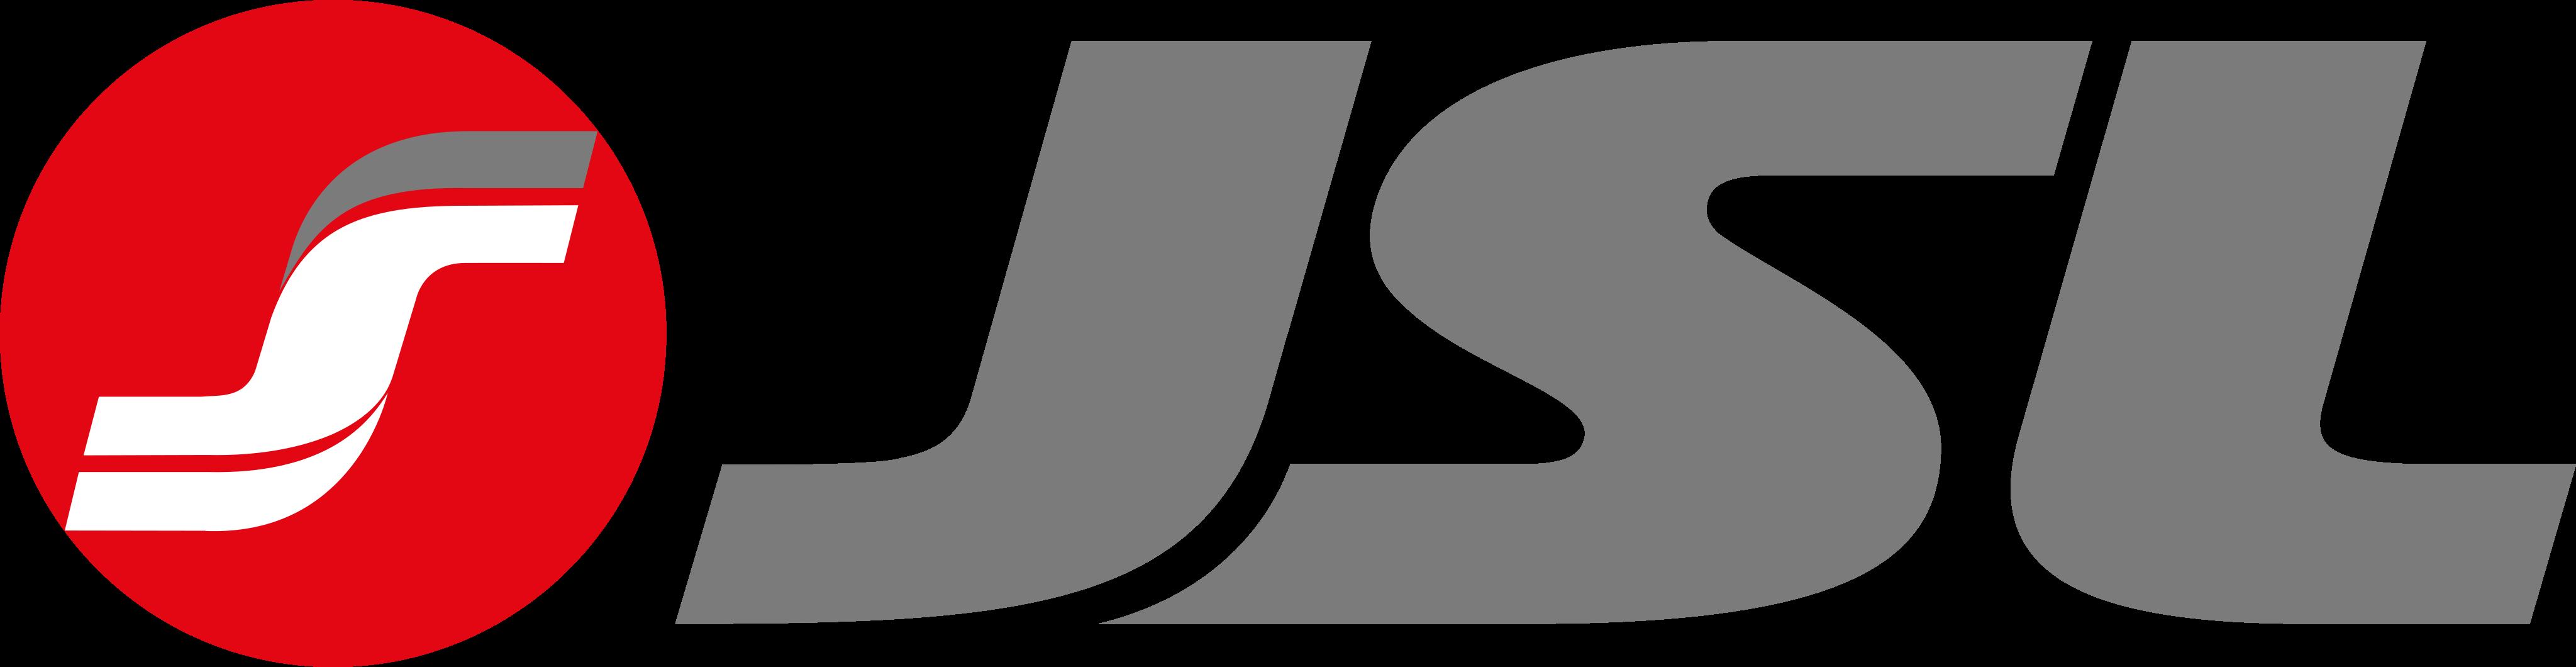 jsl logo 1 - JSL Logo